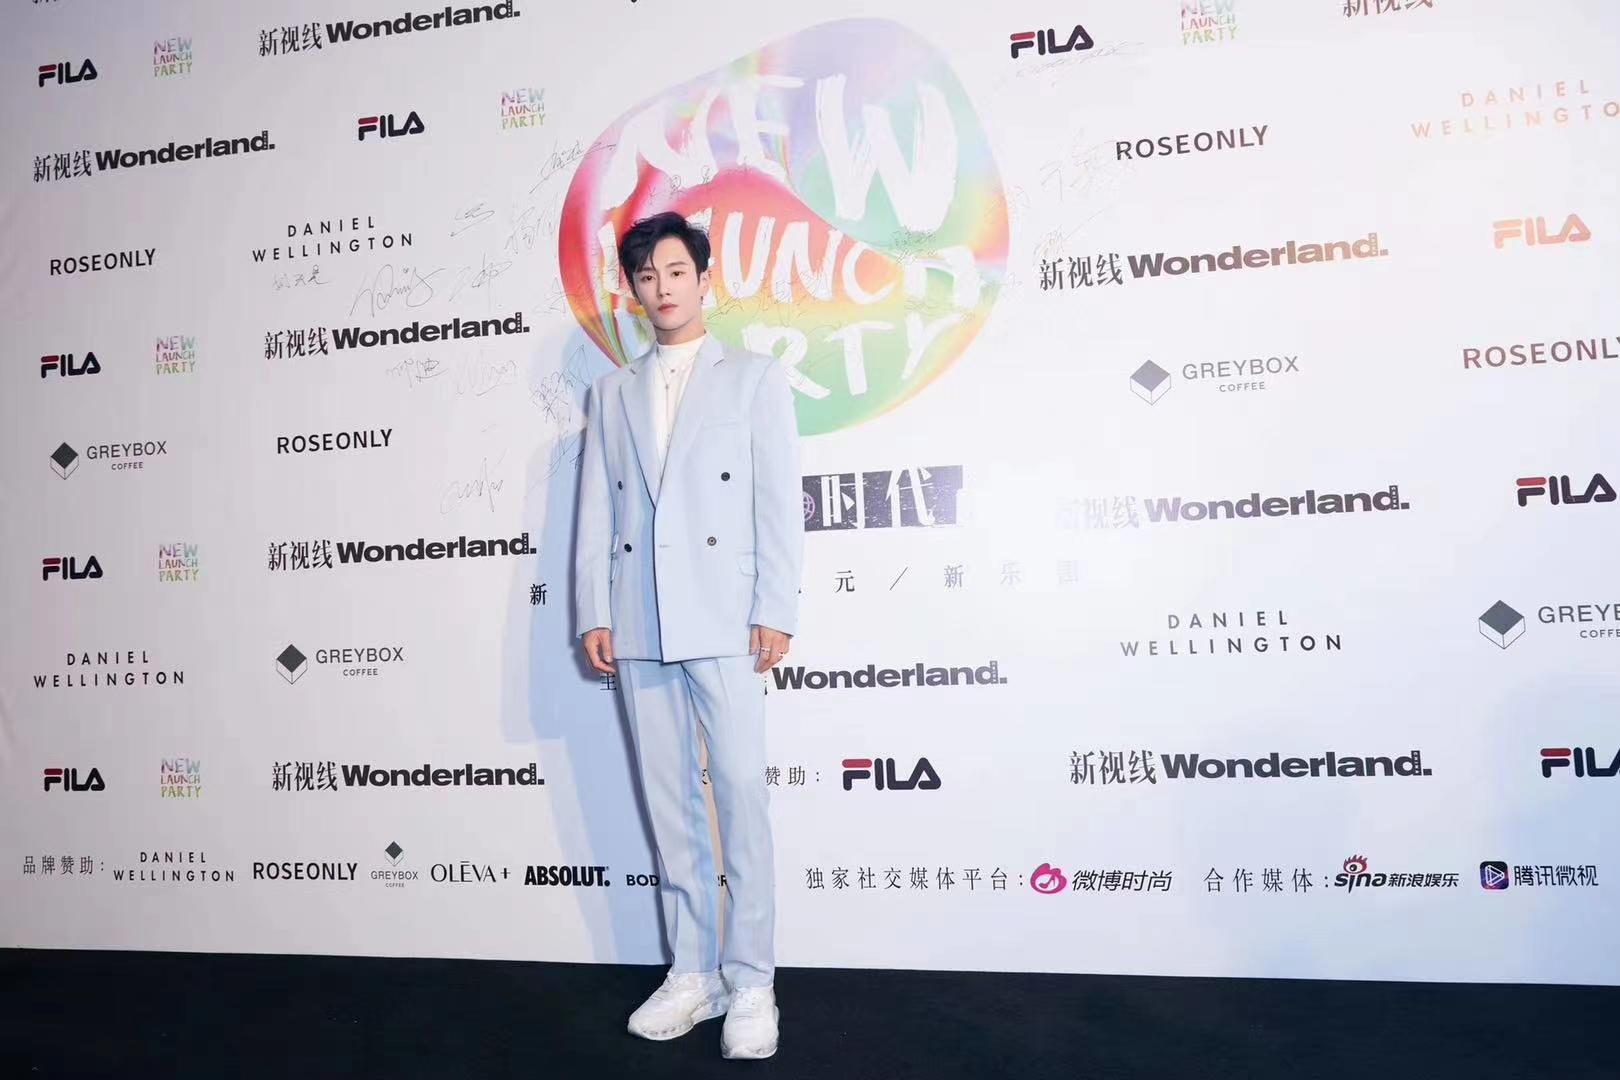 今夜星光灿烂!群星共聚《Wonderland.》中文版创刊派对